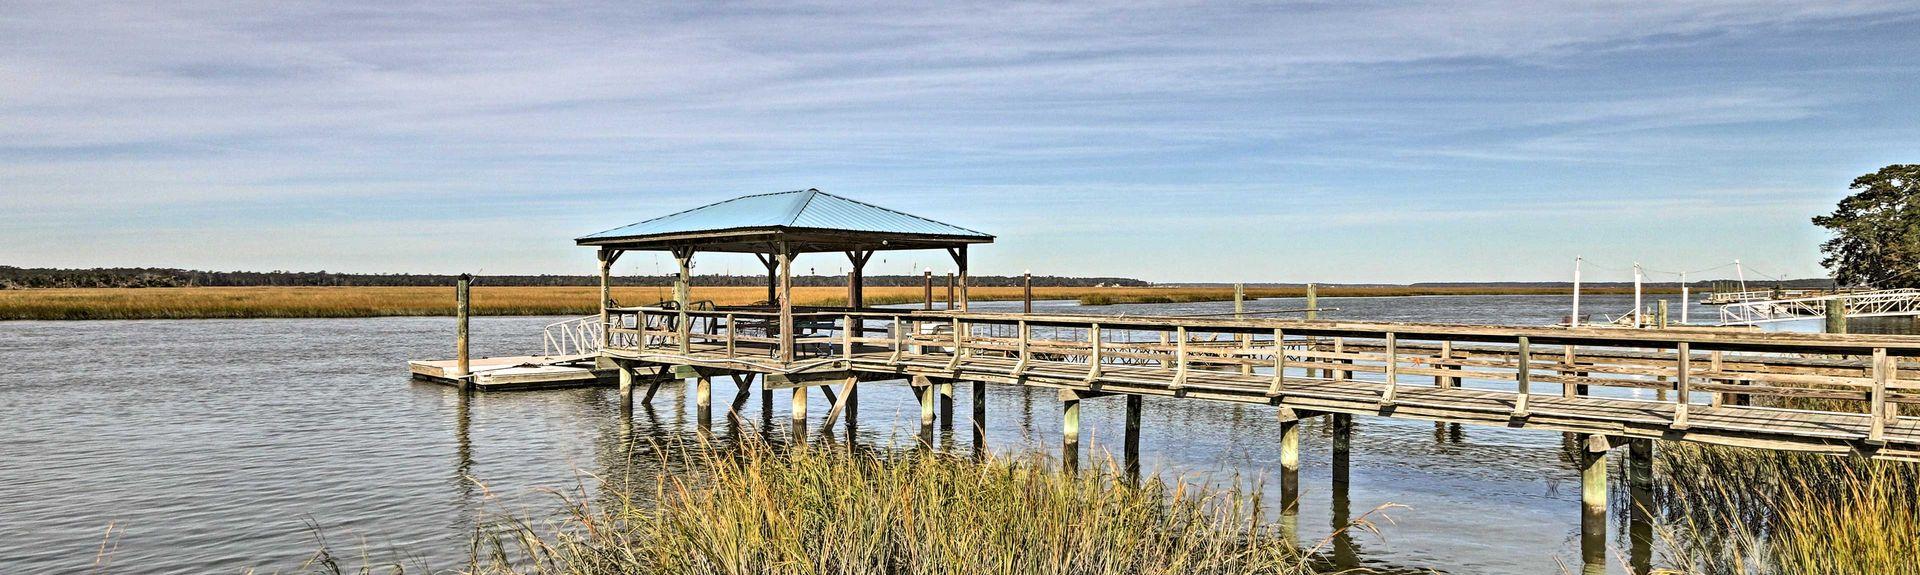 Ossabaw Island, GA, USA